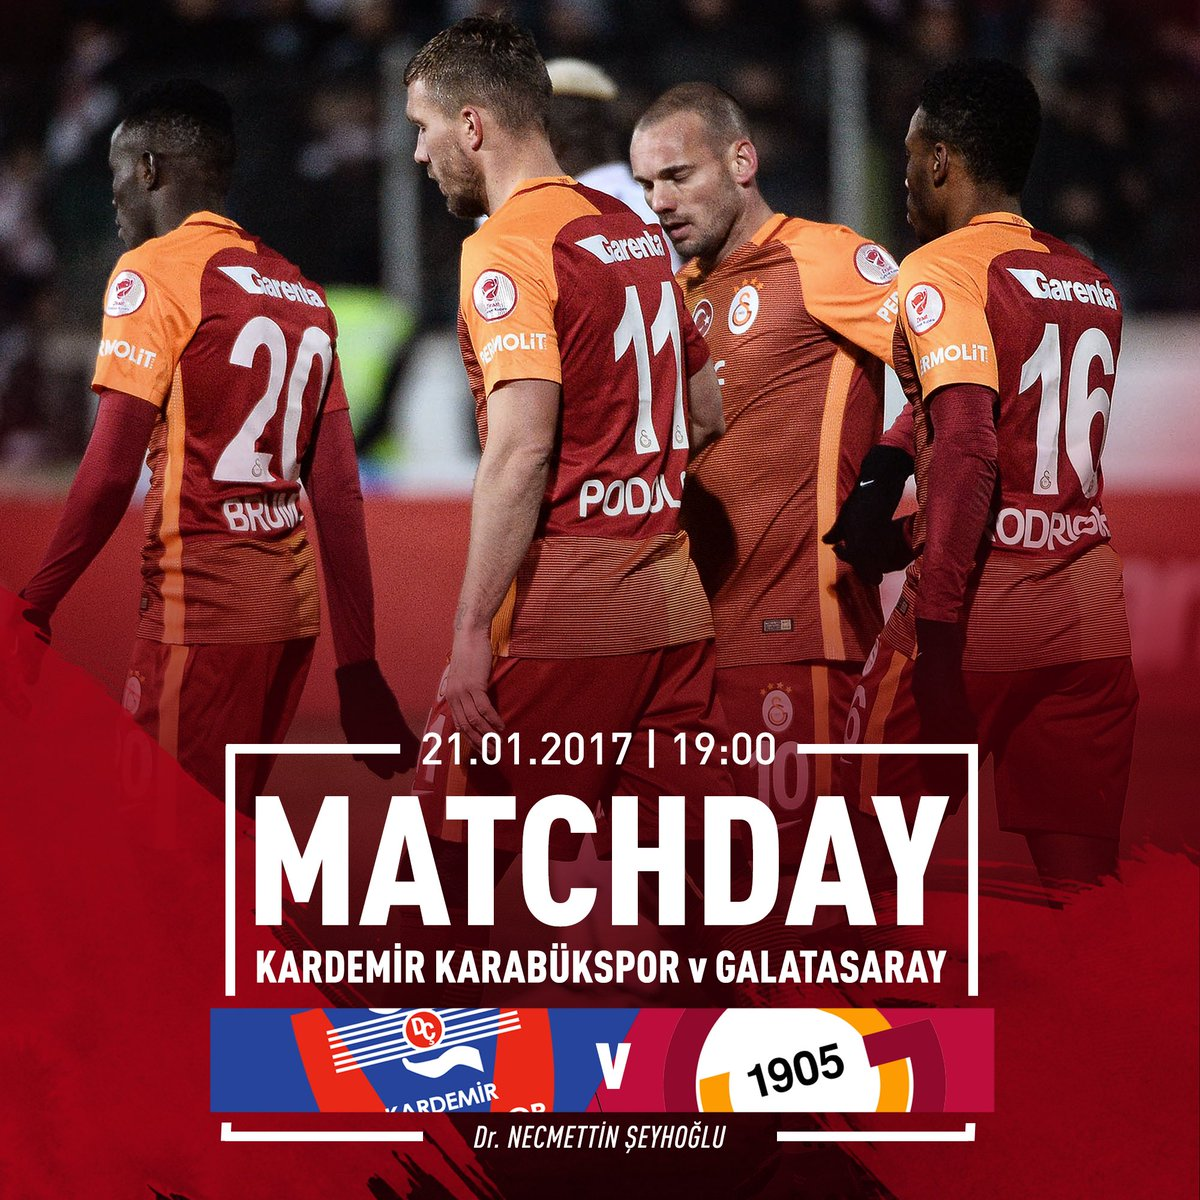 🔥 MATCHDAY! 🏆 Spor Toto Super League  ⚽️ Karabükspor - #Galatasaray  ⌚...